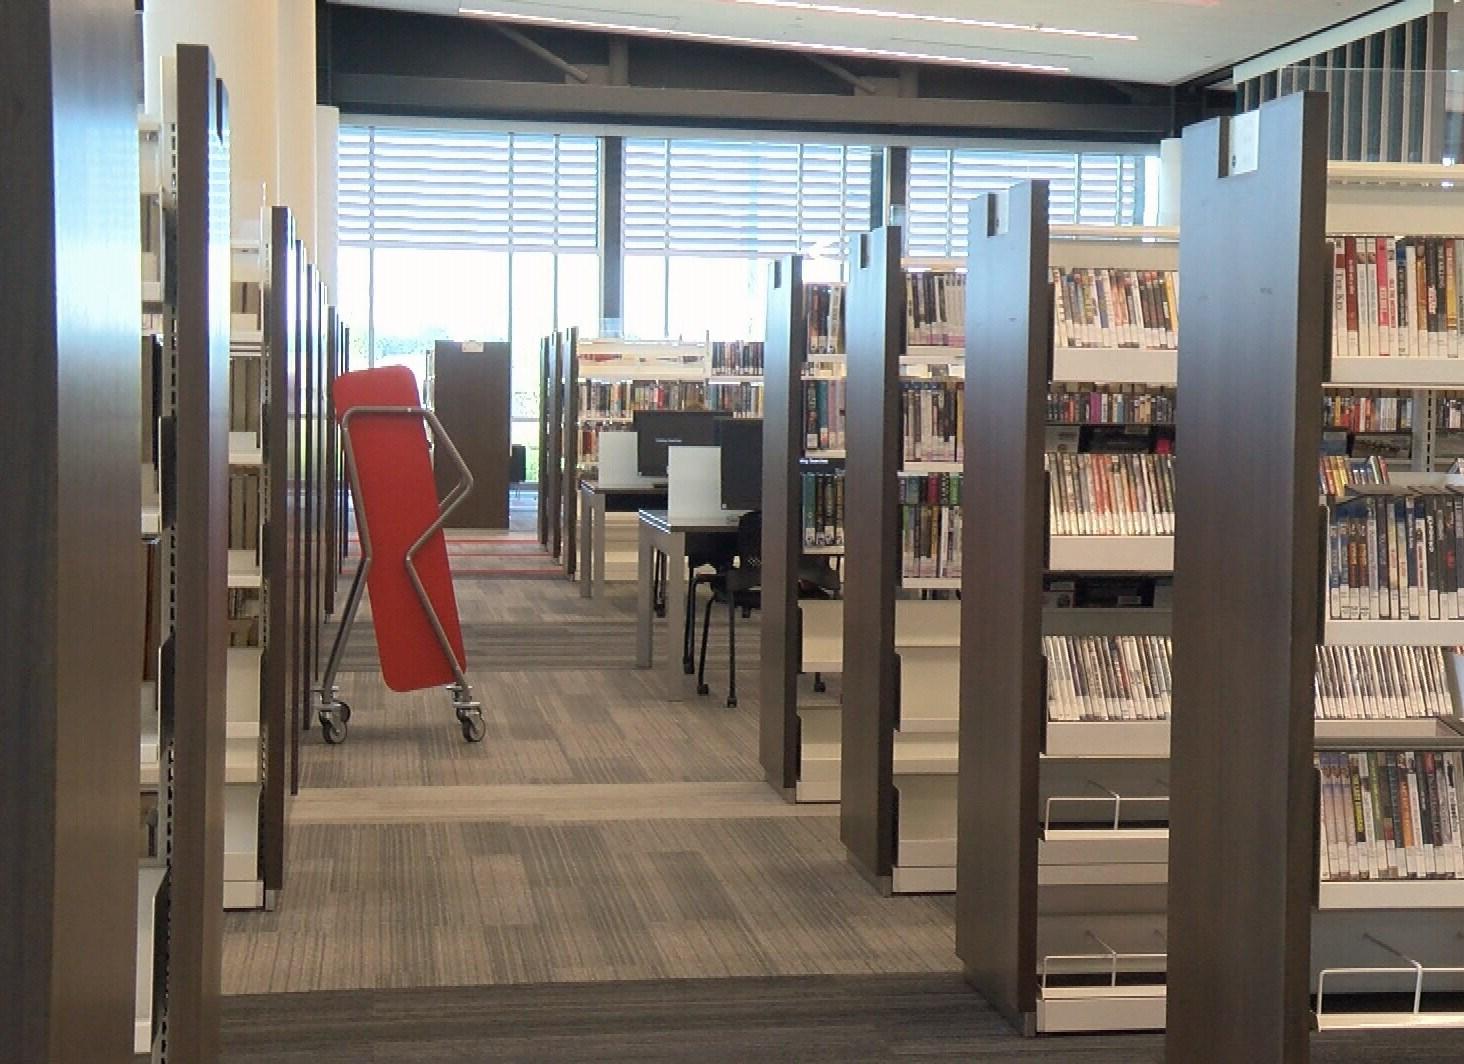 Joplin Public Library (July 31, 2018)